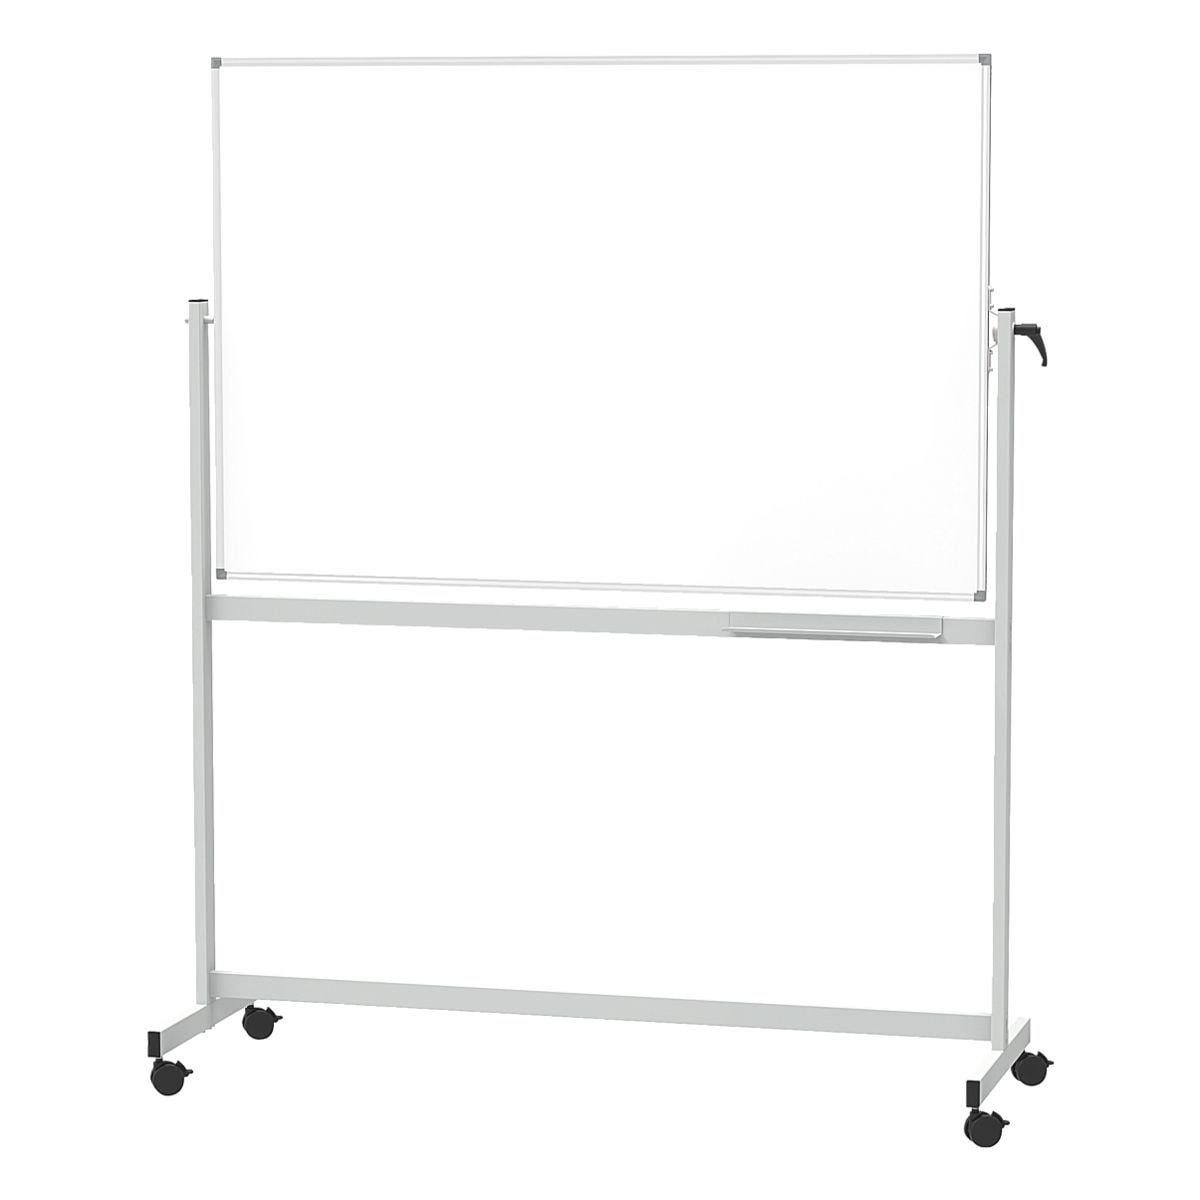 maul tableau blanc maul standard 6460584 220 x 120 cm acheter prix conomique chez otto office. Black Bedroom Furniture Sets. Home Design Ideas